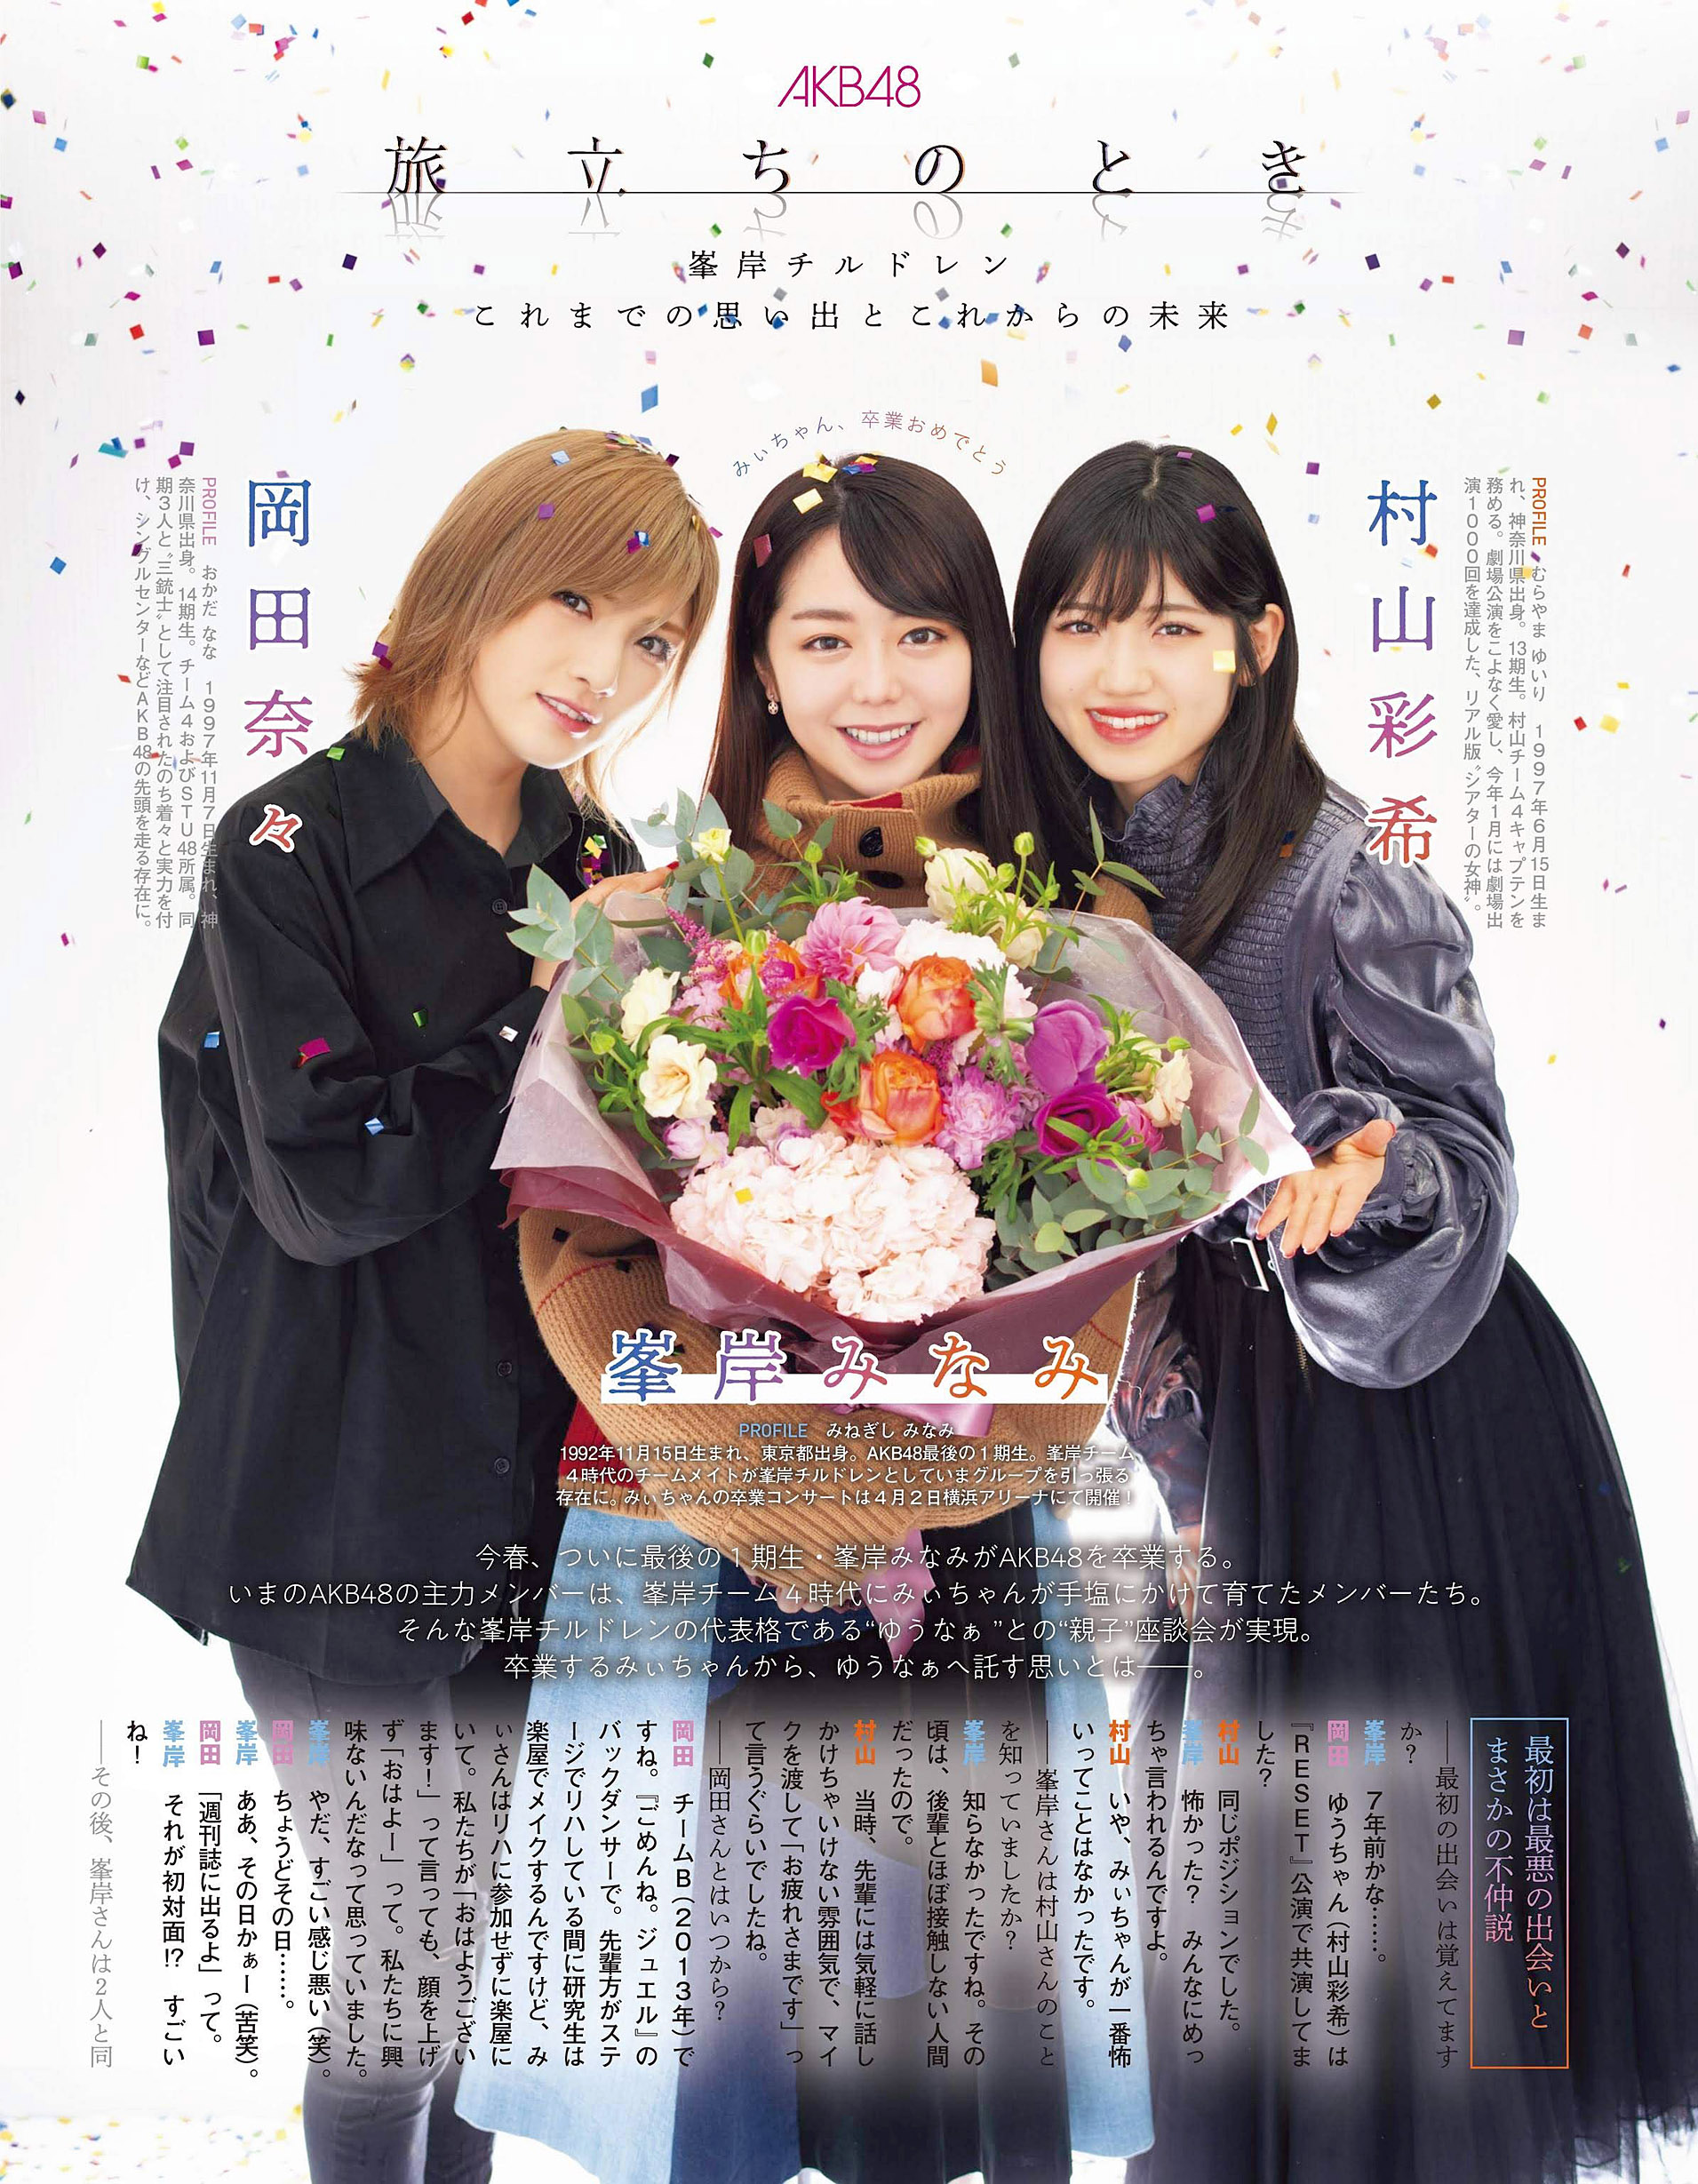 MMinegishi Ex-Taishu 2003 01.jpg